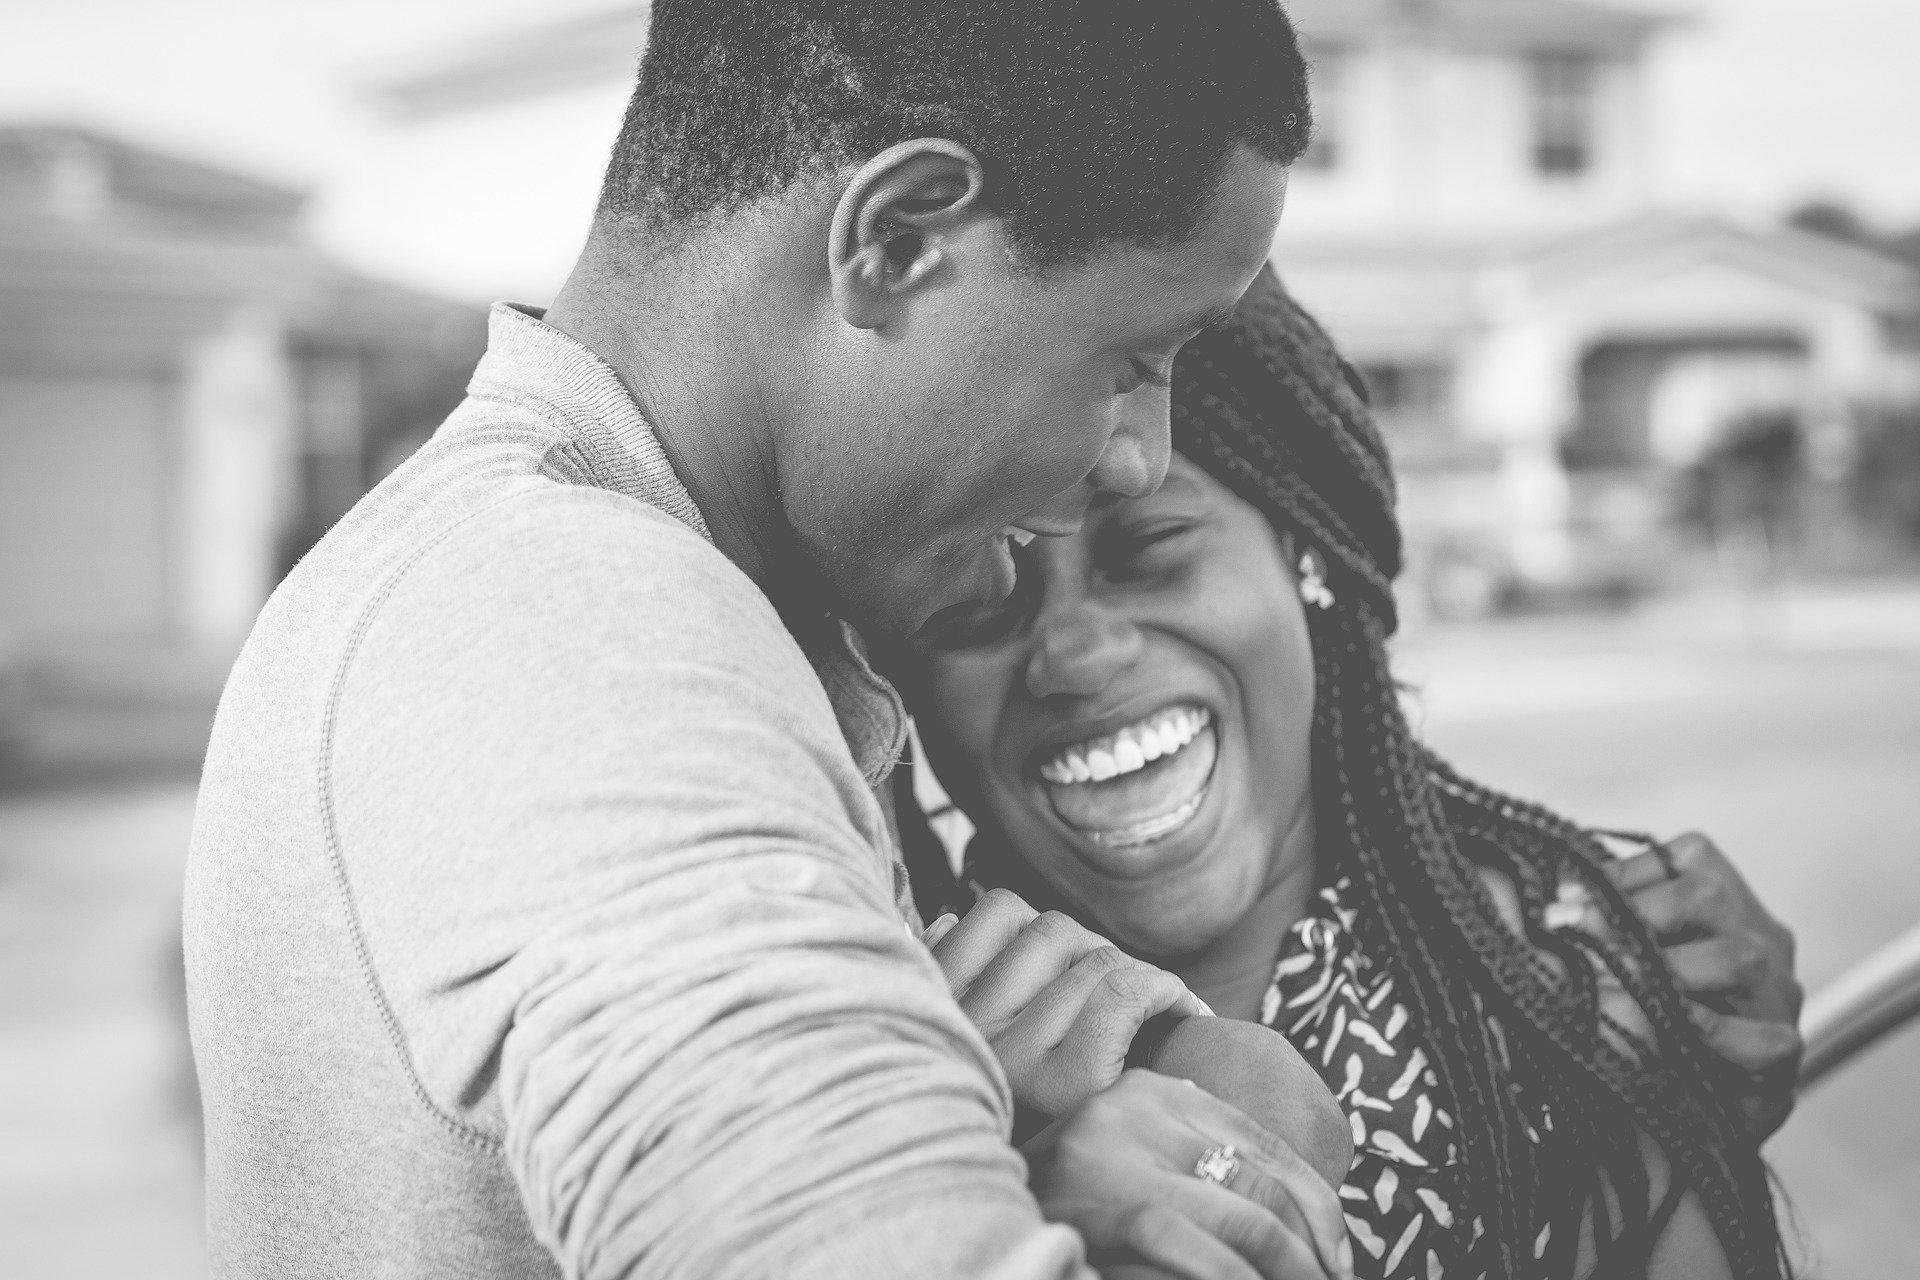 思わせぶりな既婚男性を攻略!既婚者の彼の本命と遊びの見分け方と逆転アプローチ方法